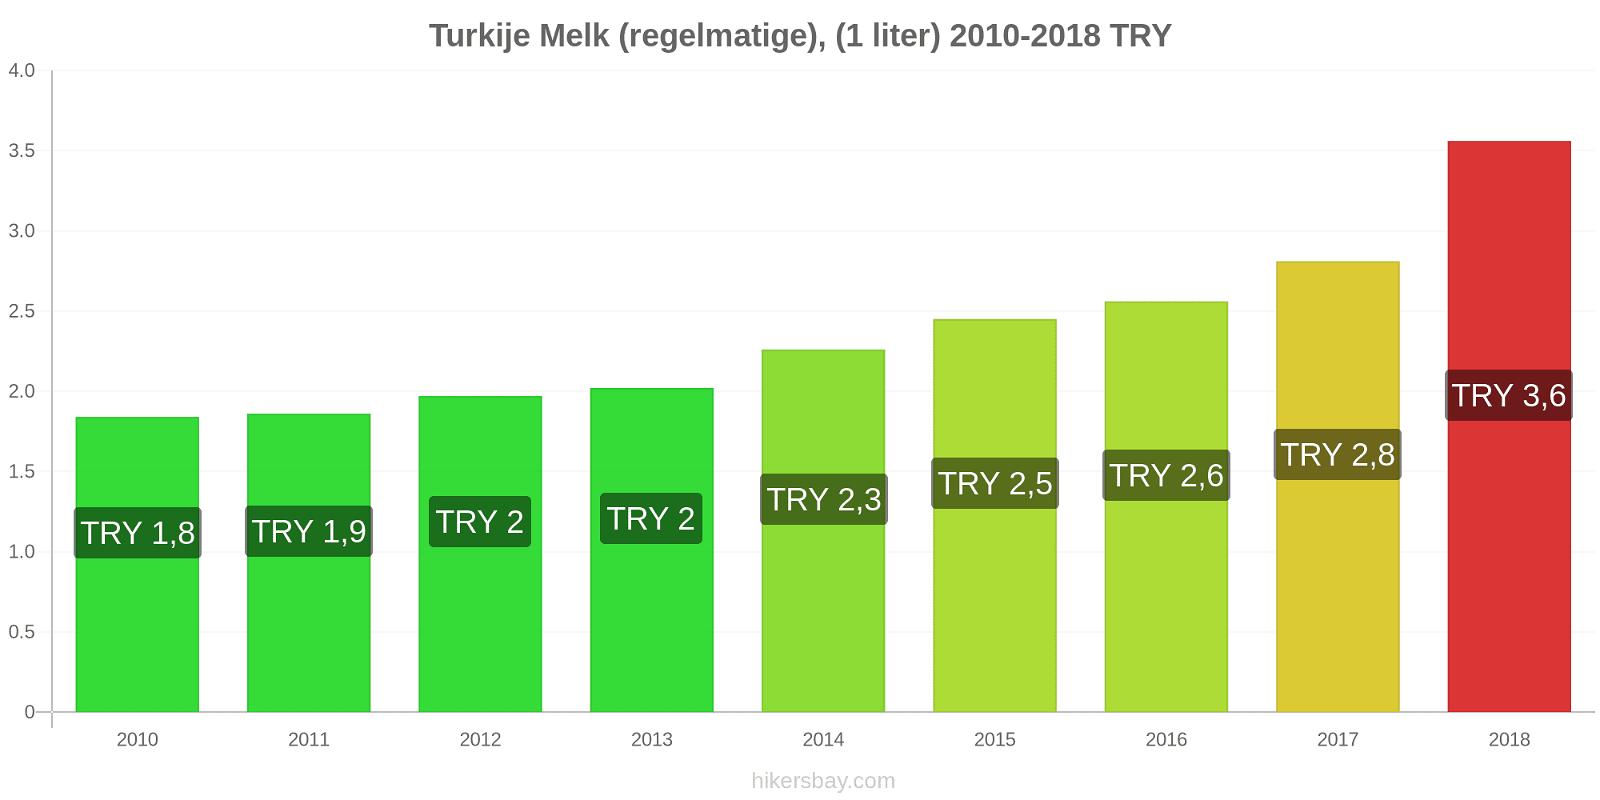 Turkije prijswijzigingen Melk (regelmatige), (1 liter) hikersbay.com